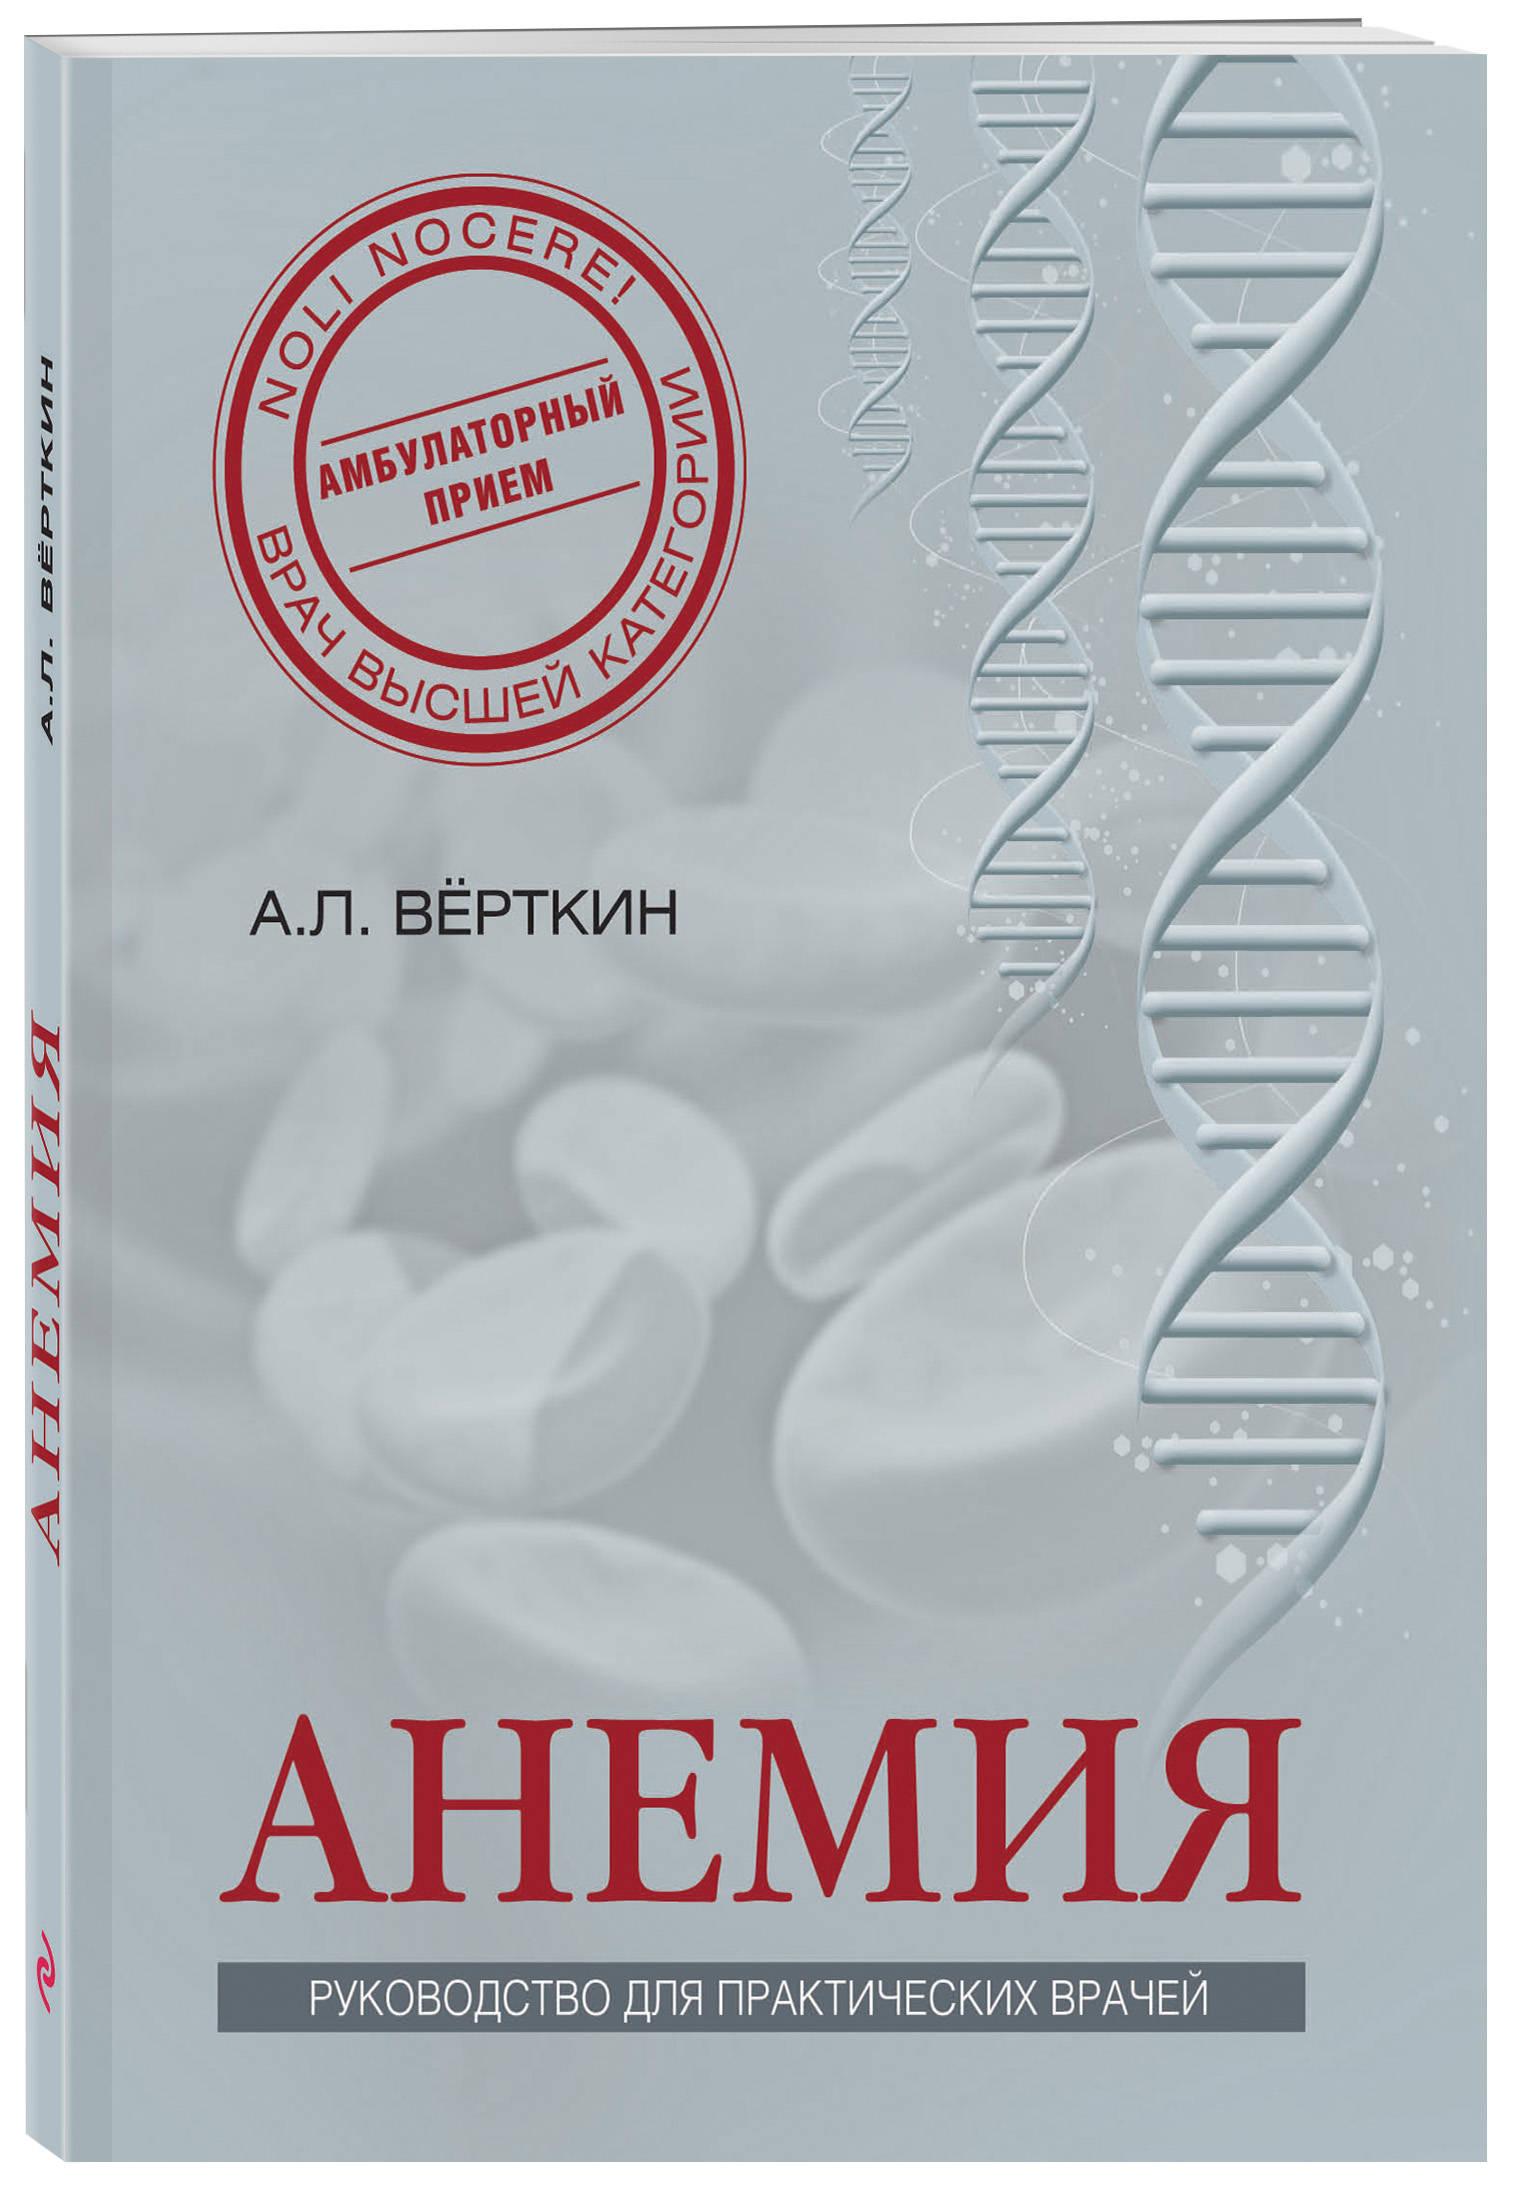 Анемия: Руководство для практических врачей ( Верткин А.Л., Ховасова Н.О., Ларюшкина Е.Д.  )